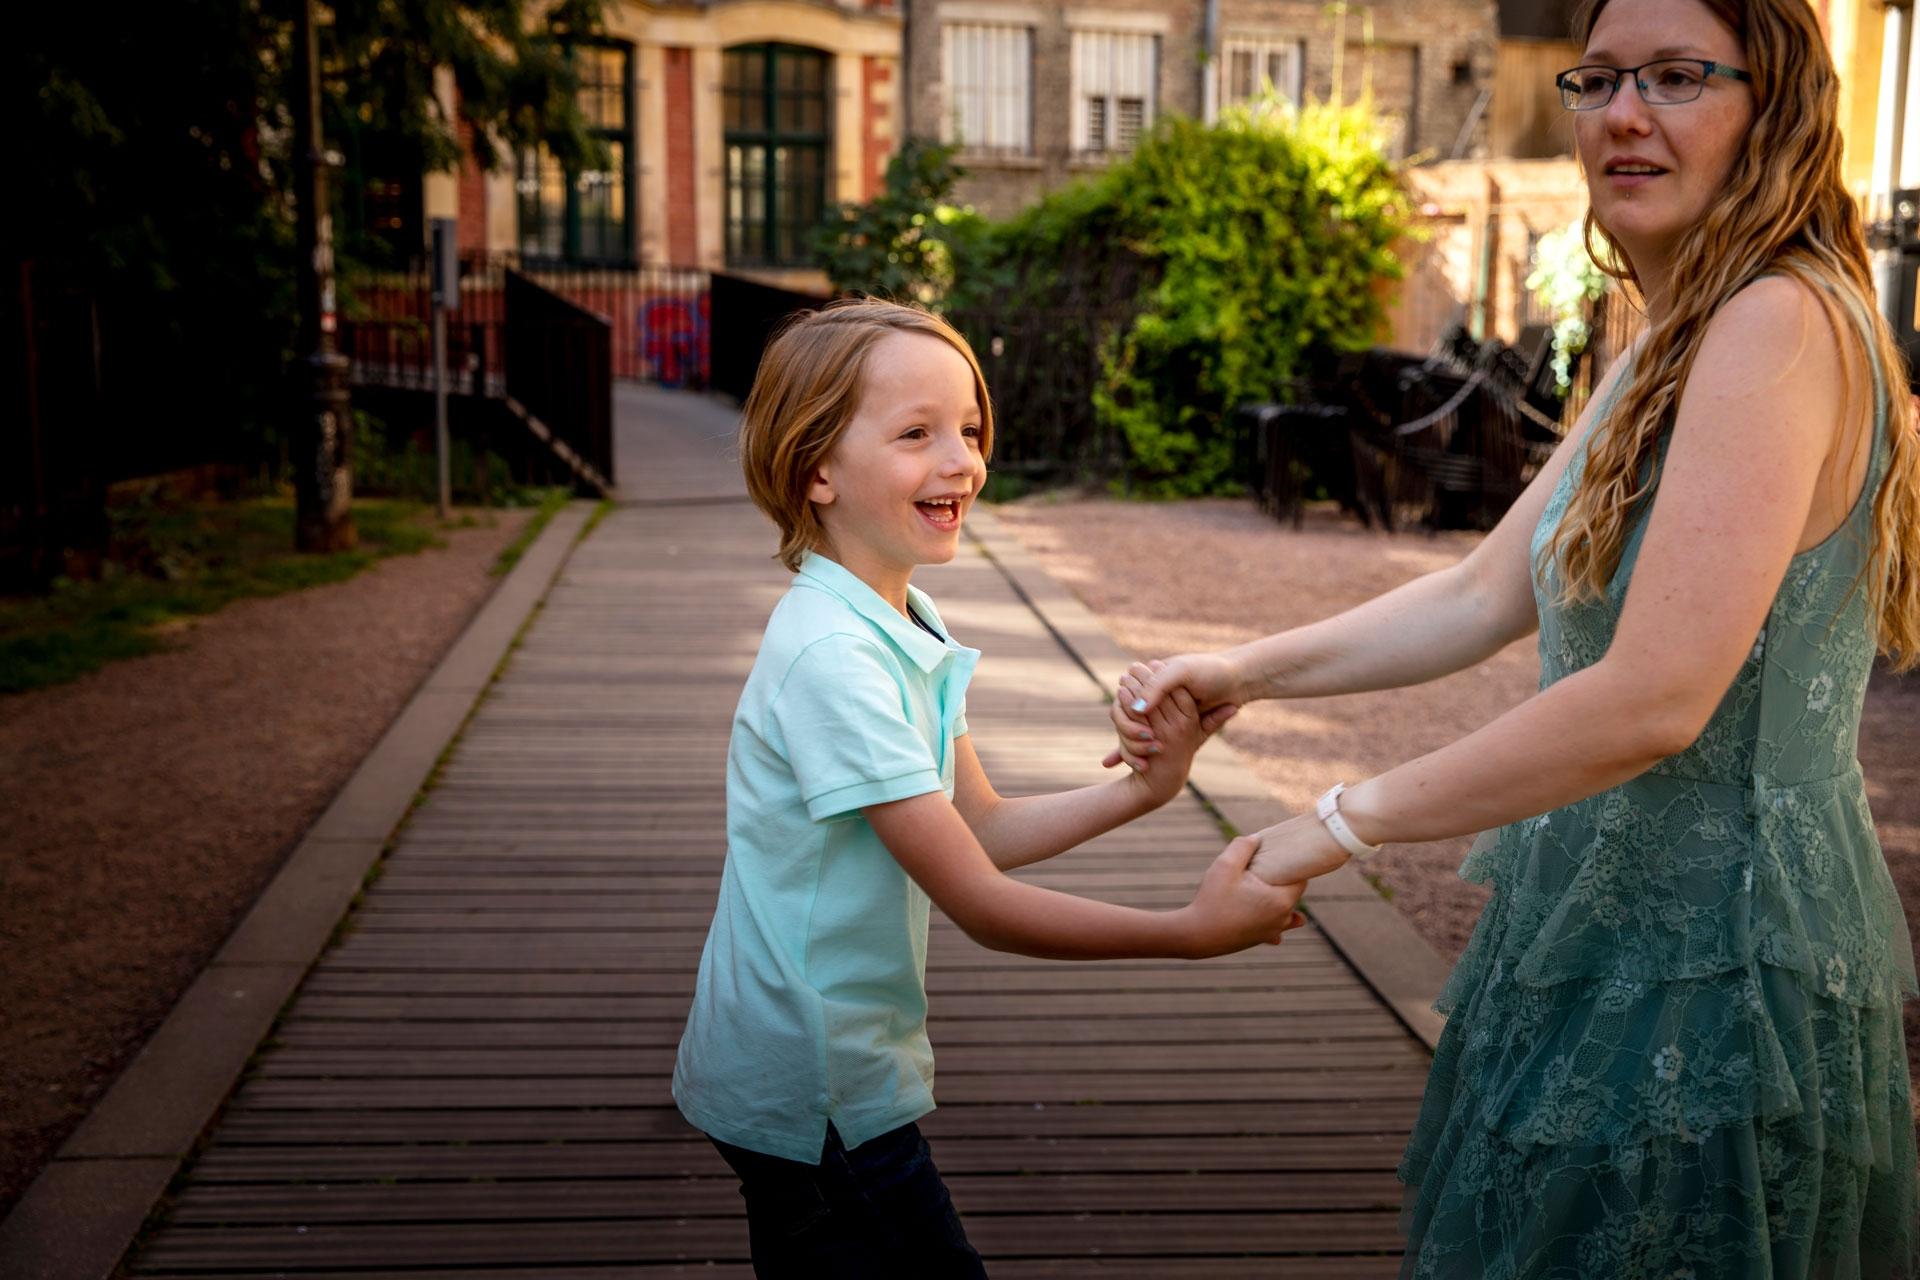 particuliers-portraits-engagement-famille-deltenre-2020-23